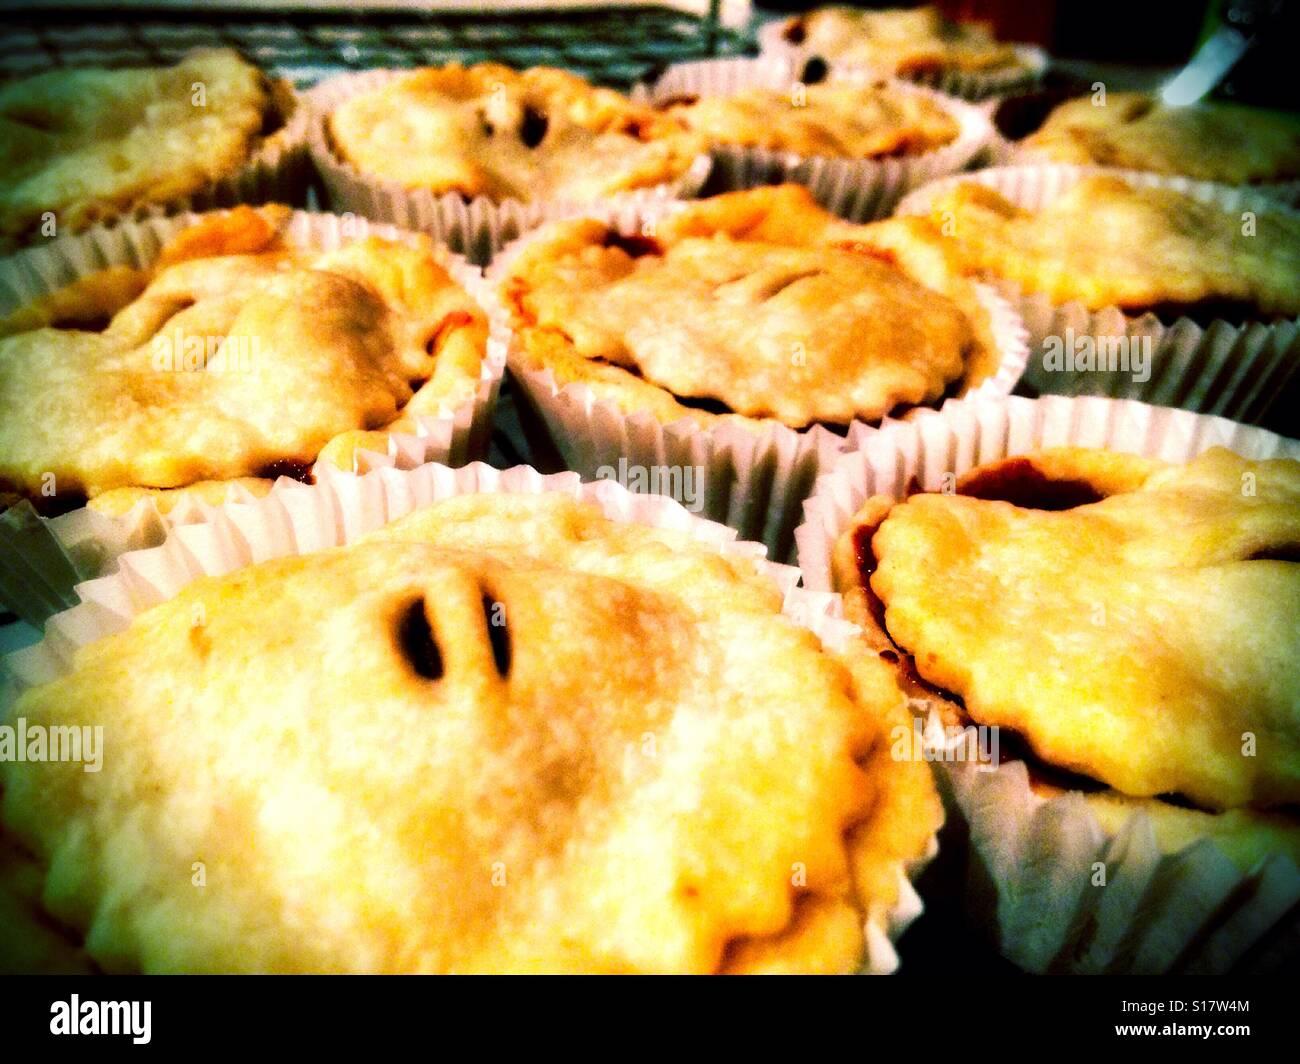 Hausgemachte Mince Pies in eine Kühlung Kühlung rack nur den Ofen verlassen. Stockfoto